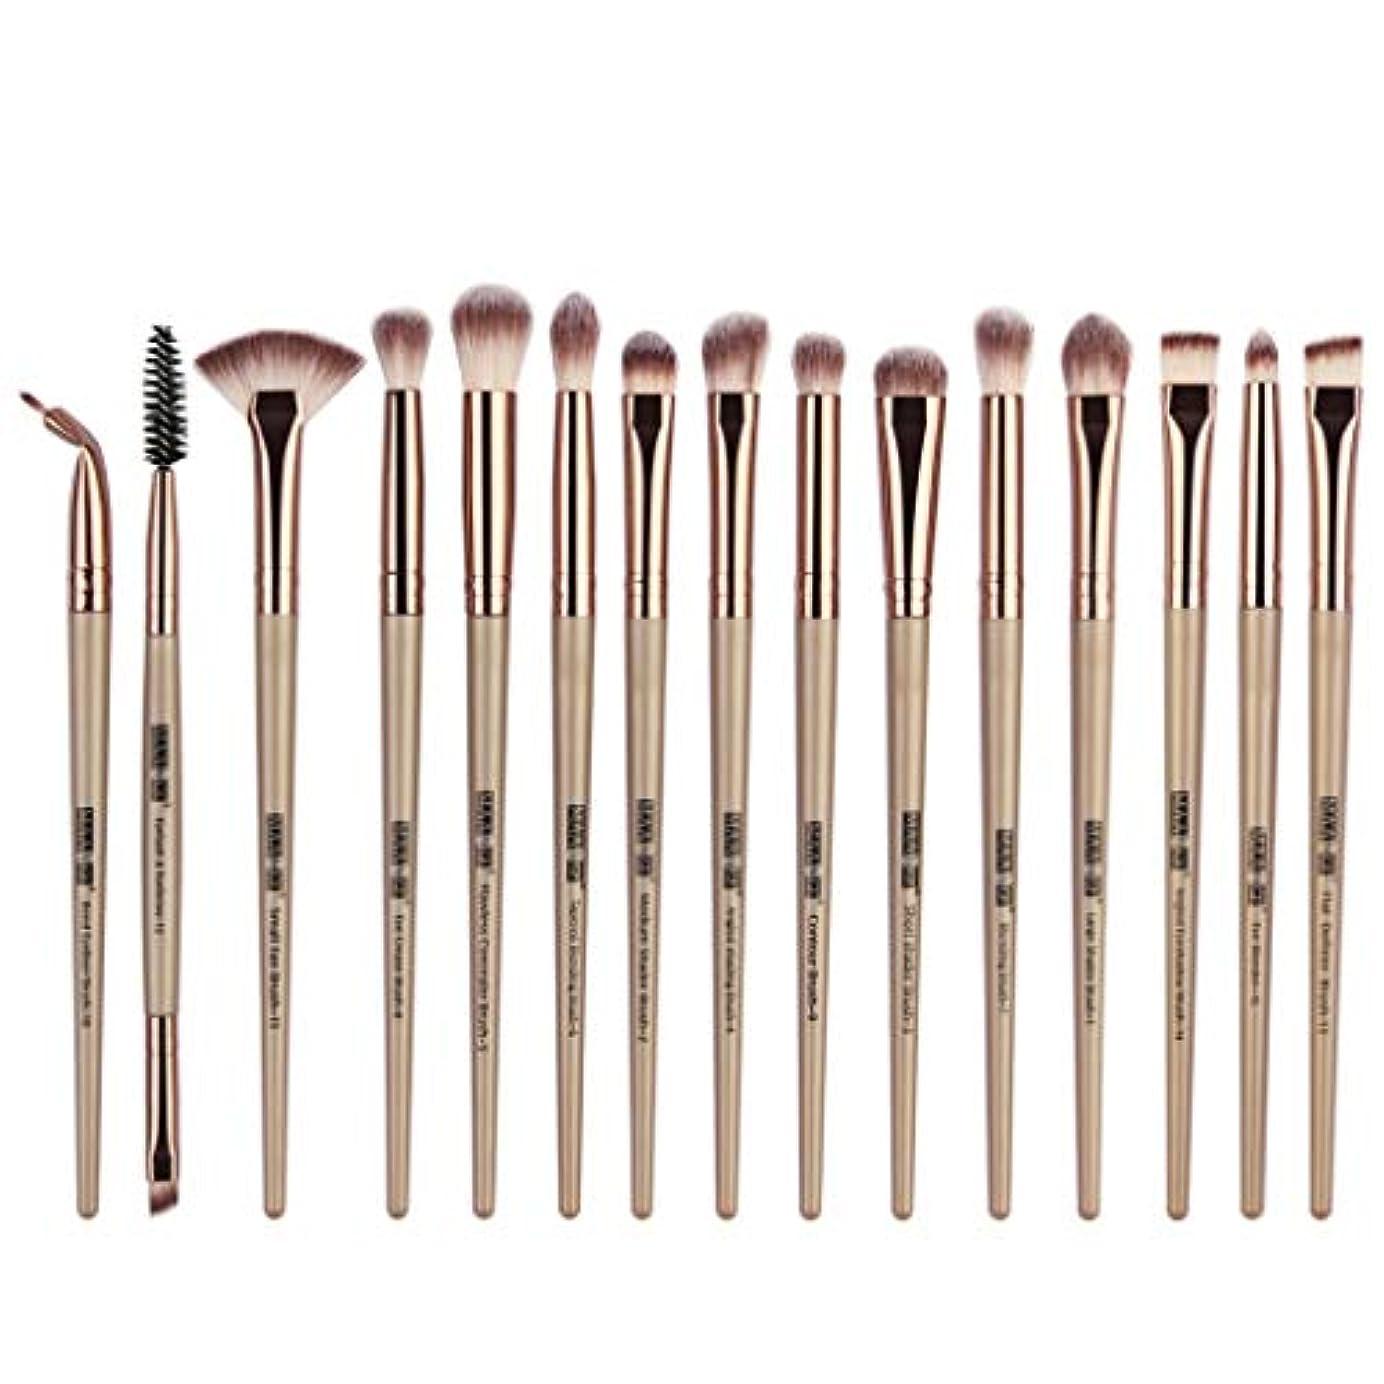 賢い胚より平らなメイクブラシ 化粧ブラシ 15本 木製 眉毛 アイシャドウ ファンデーションブラシ 化粧筆 シャオメイスター